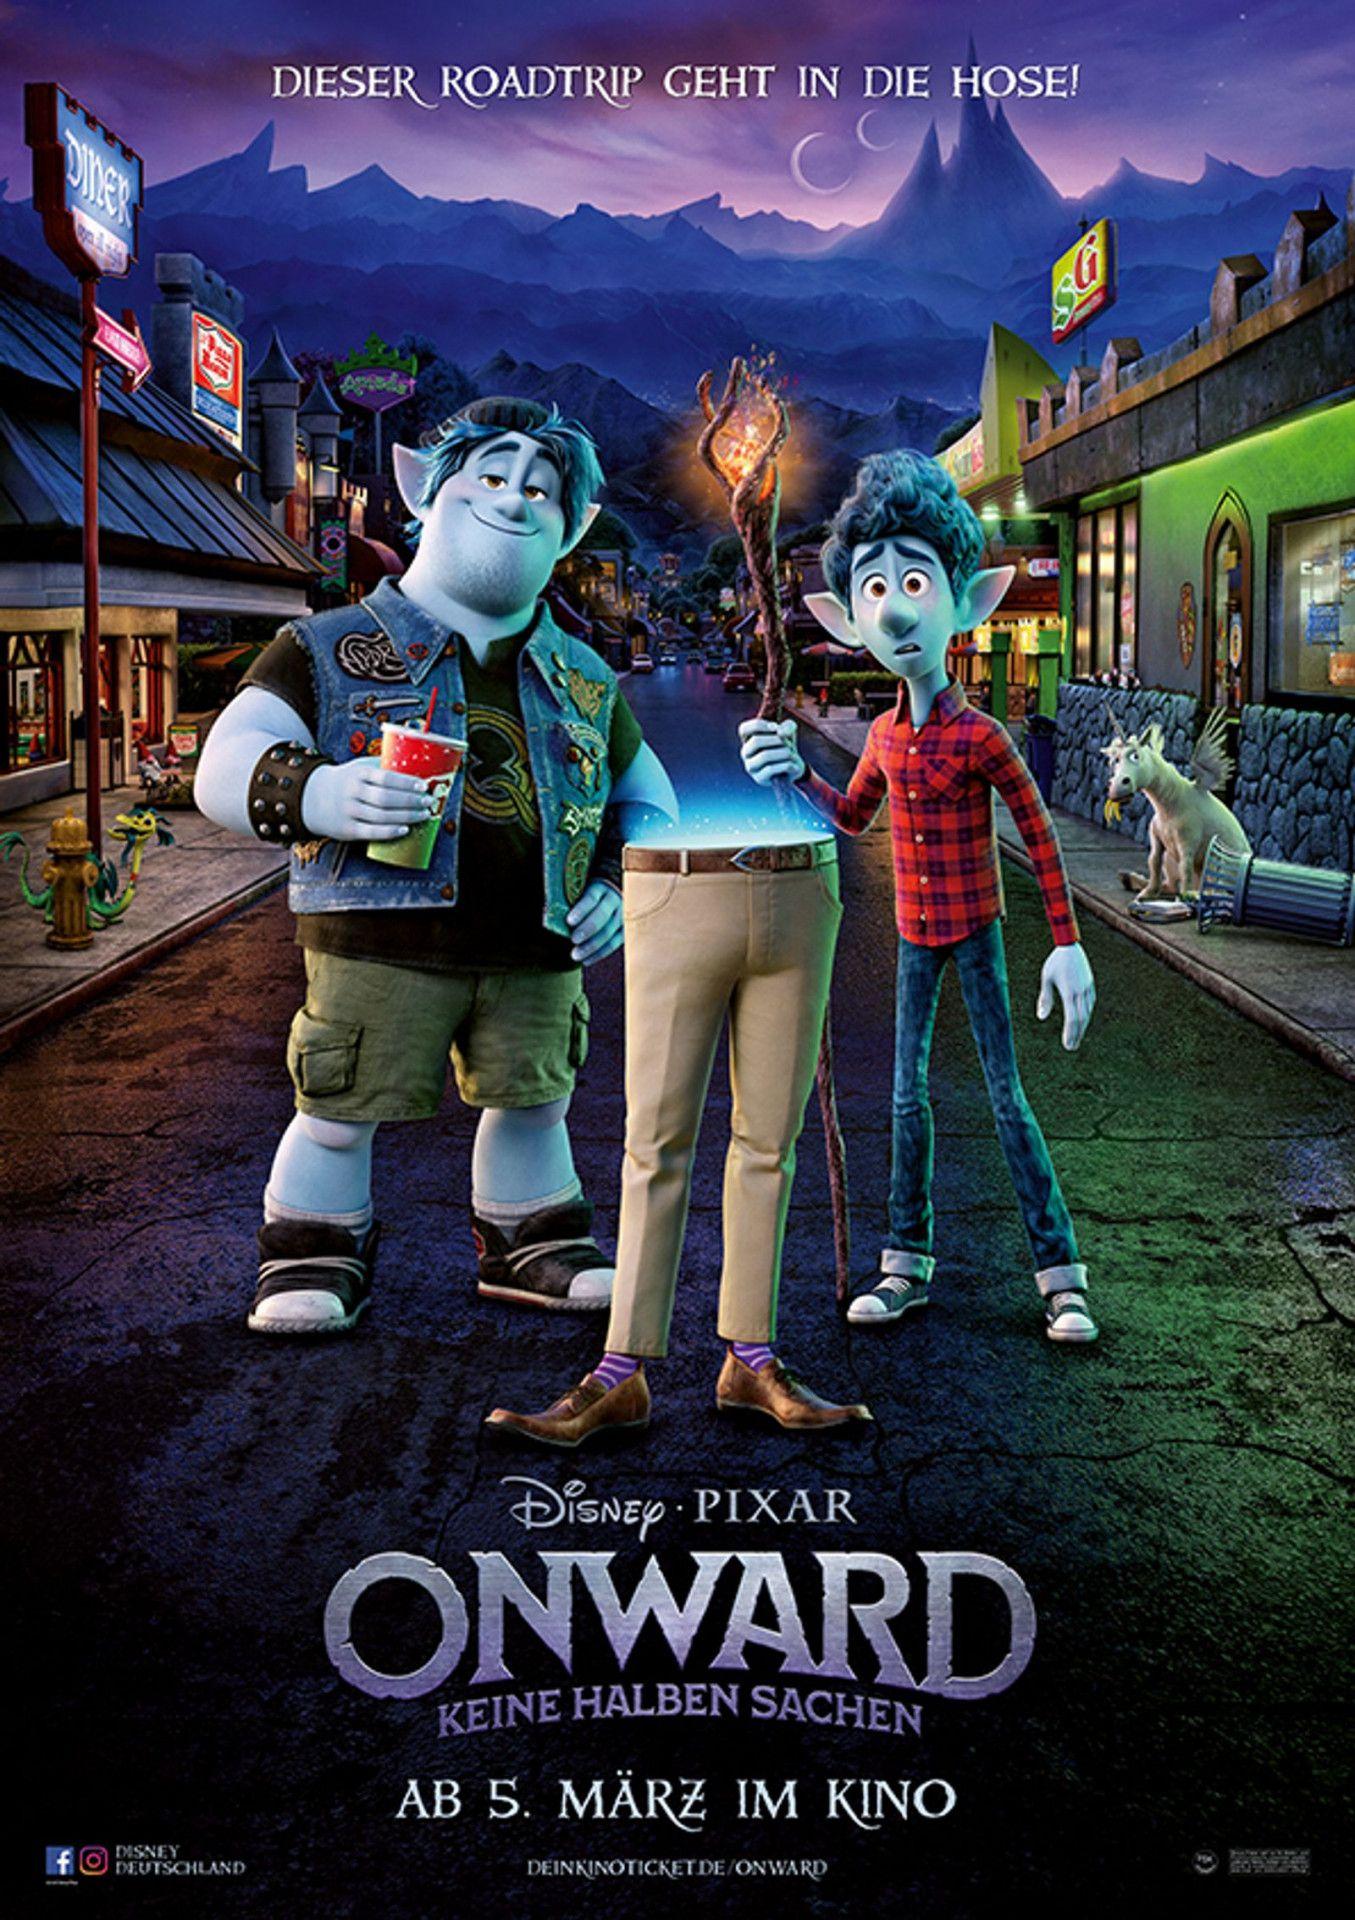 """""""Onward: Keine halben Sachen"""" ist ein klassischer Pixar-Film: berührend und wunderbar animiert."""